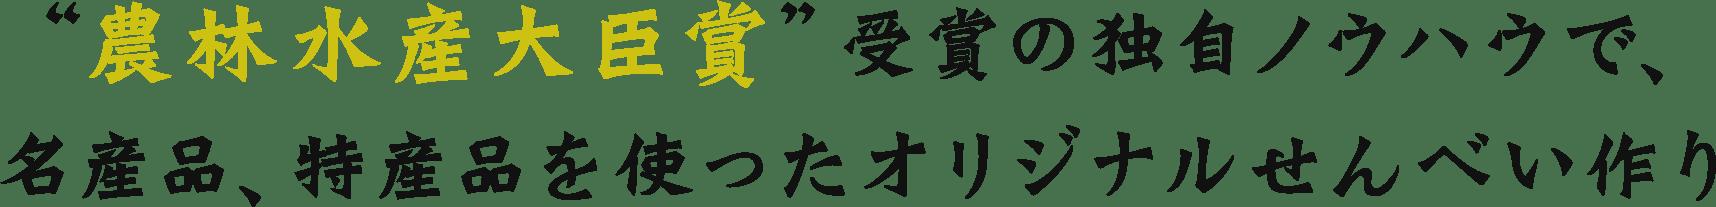 """""""農林水産大臣賞""""受賞の独自ノウハウで、名産品、特産品を使ったオリジナルせんべい作り"""